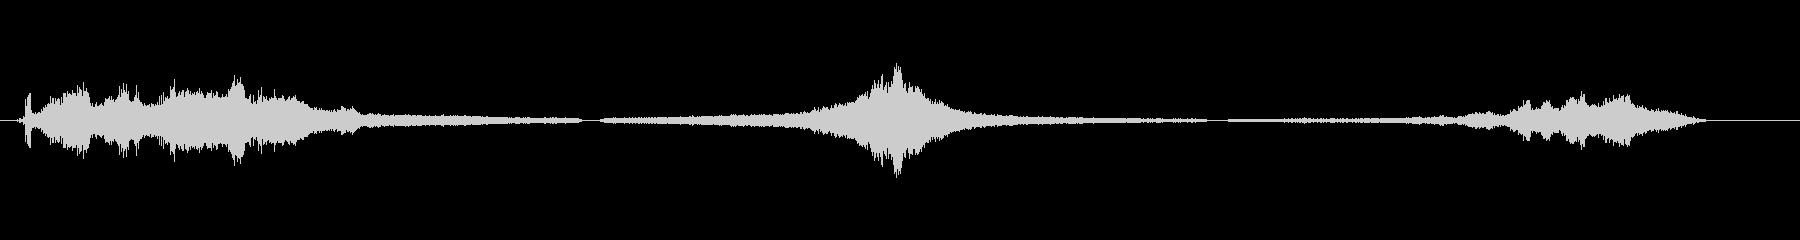 オールドモペット-3スピード-シー...の未再生の波形